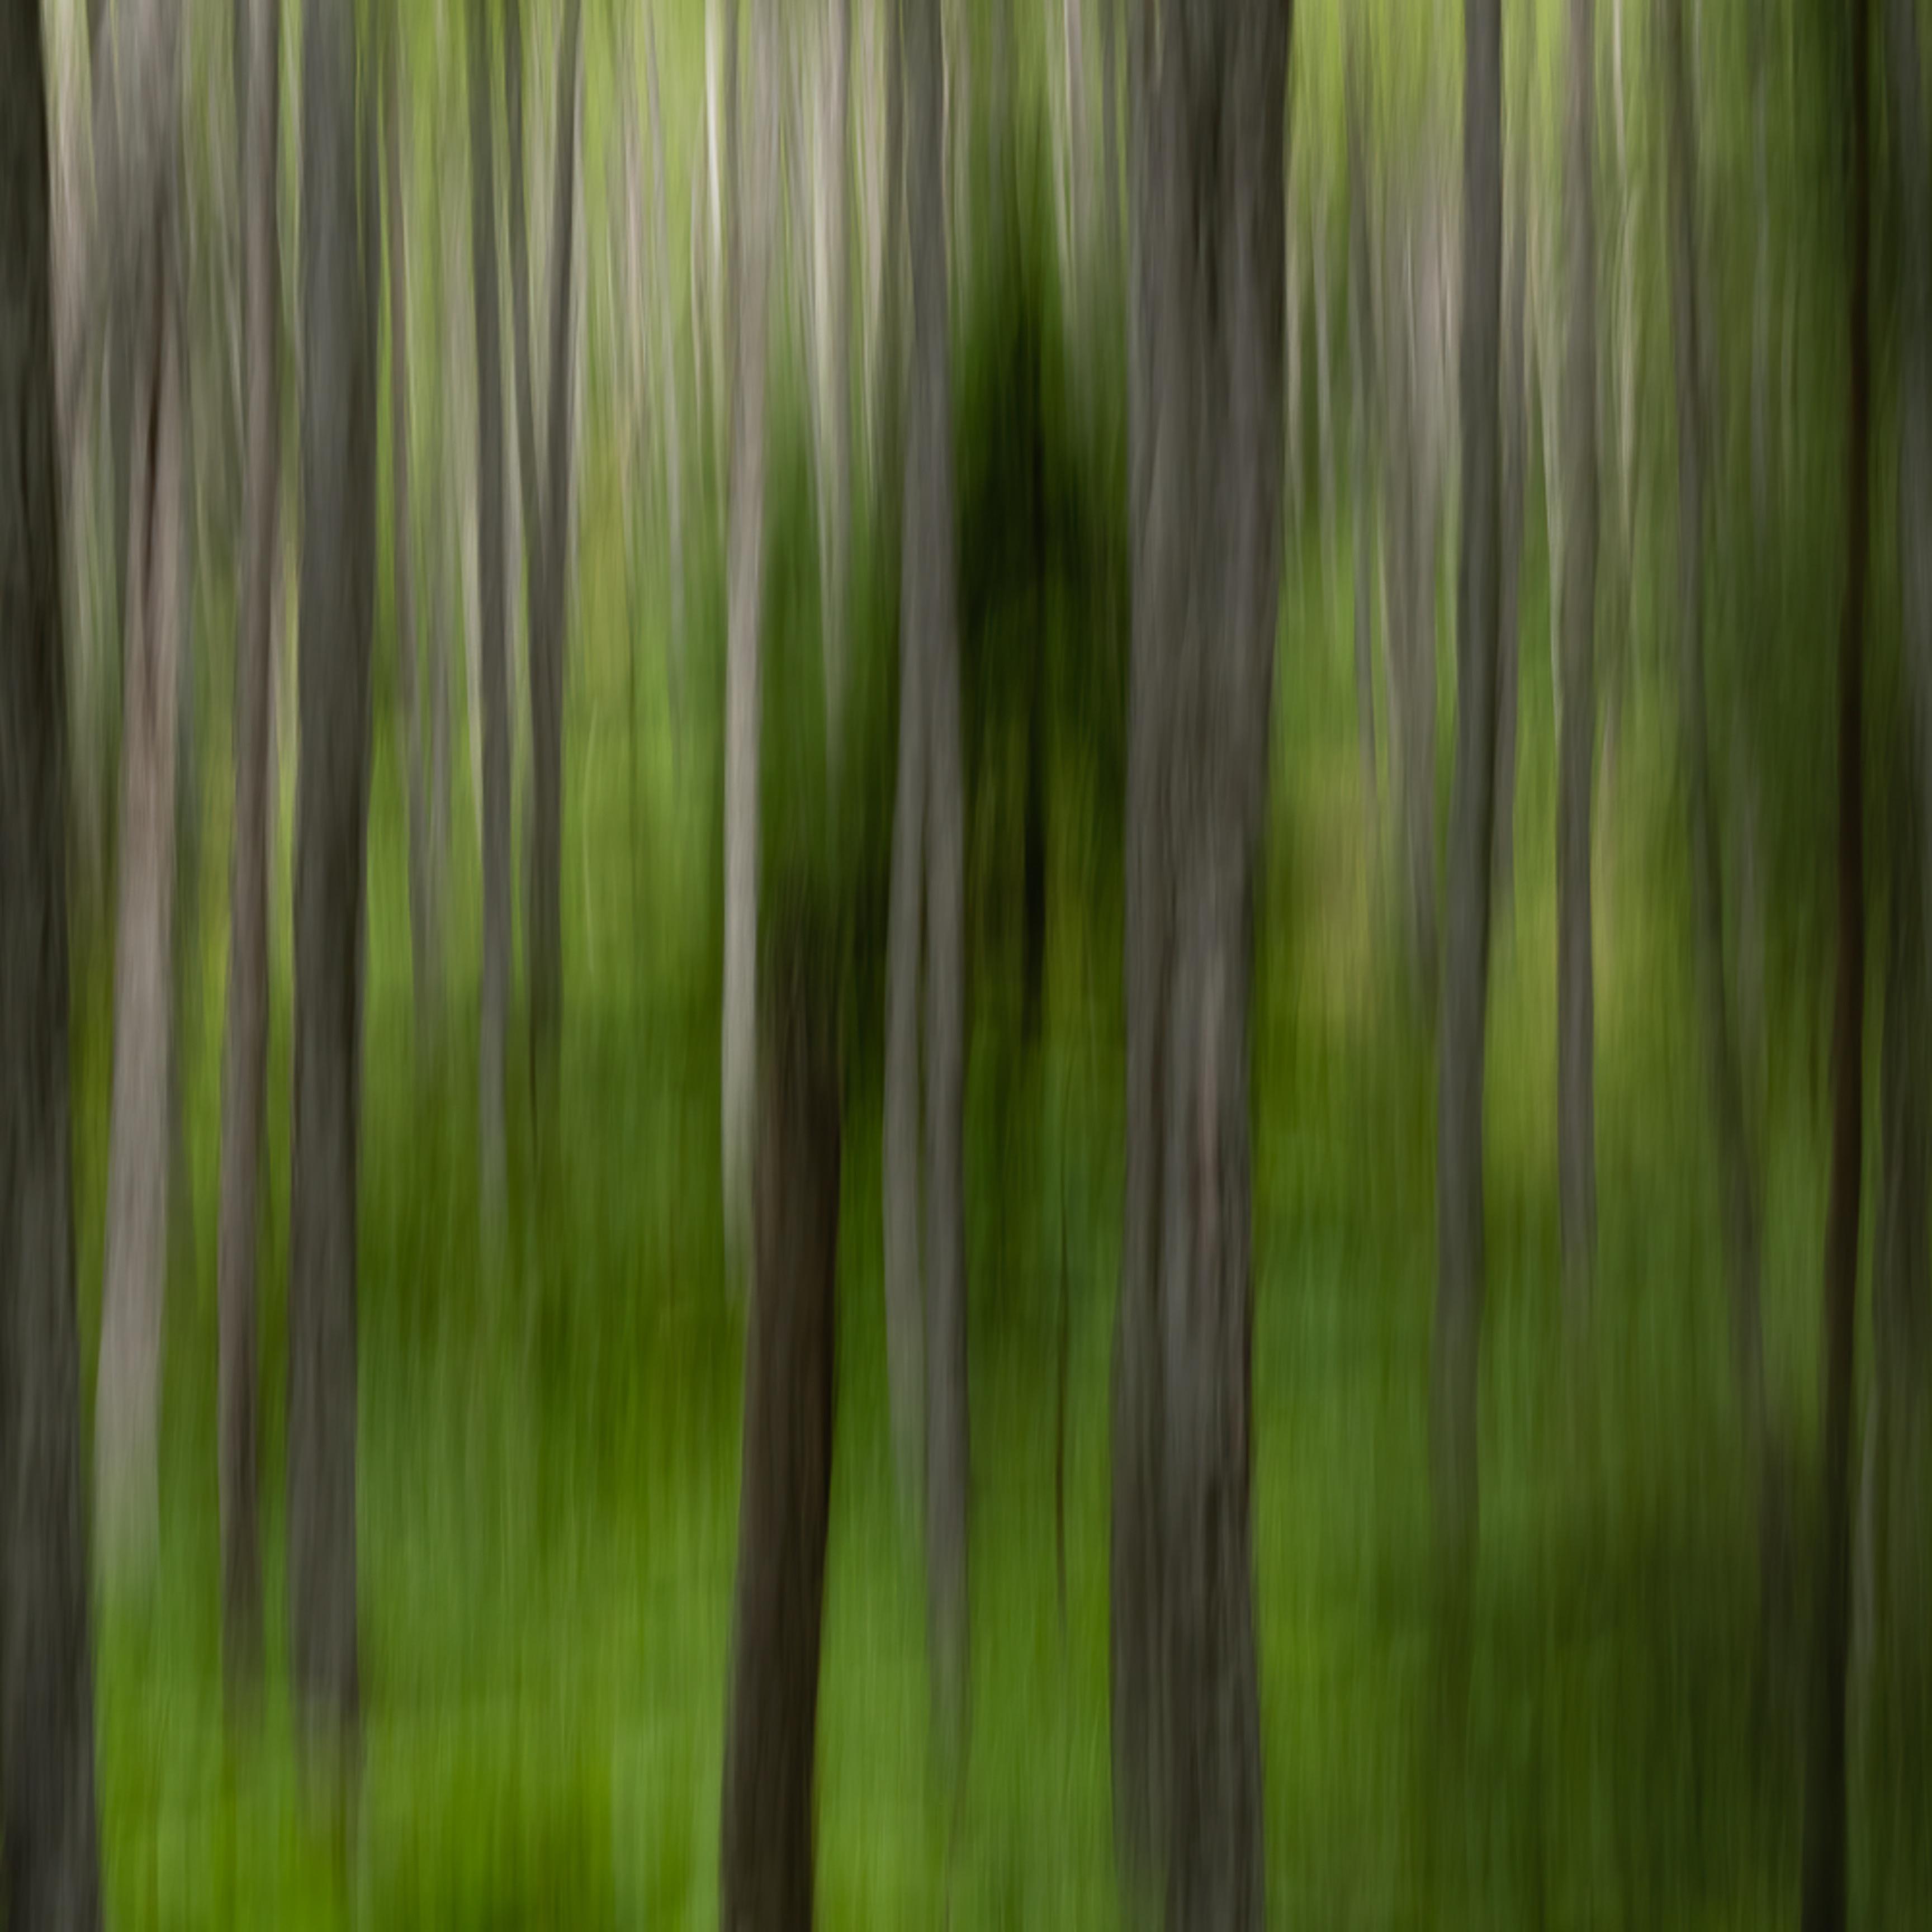 20200719 motion blur em10494 artstorefronts nnae5g